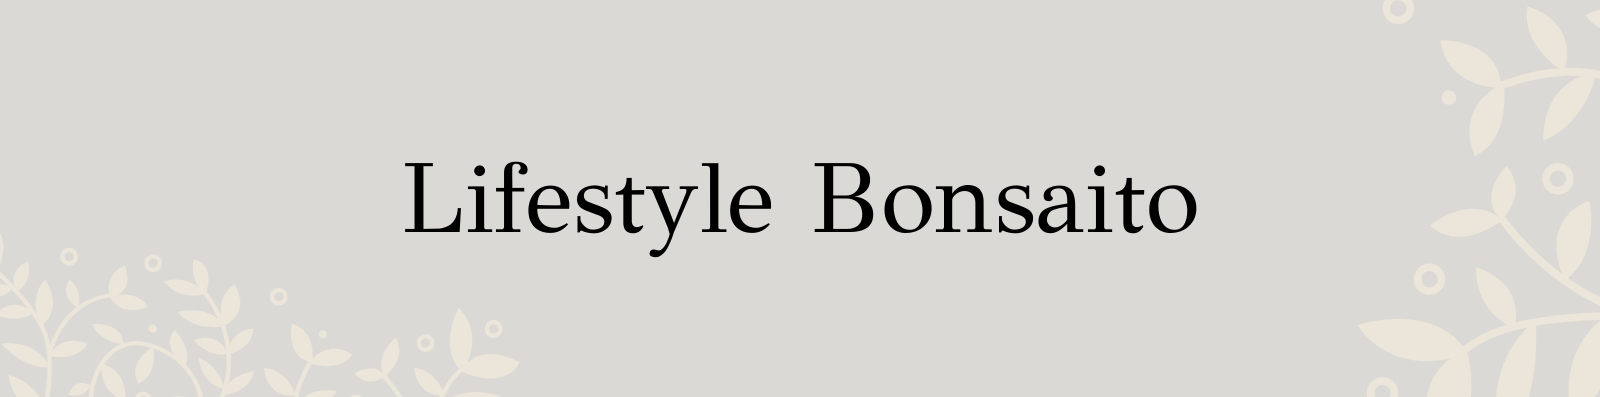 Lifestyle Bonsaito